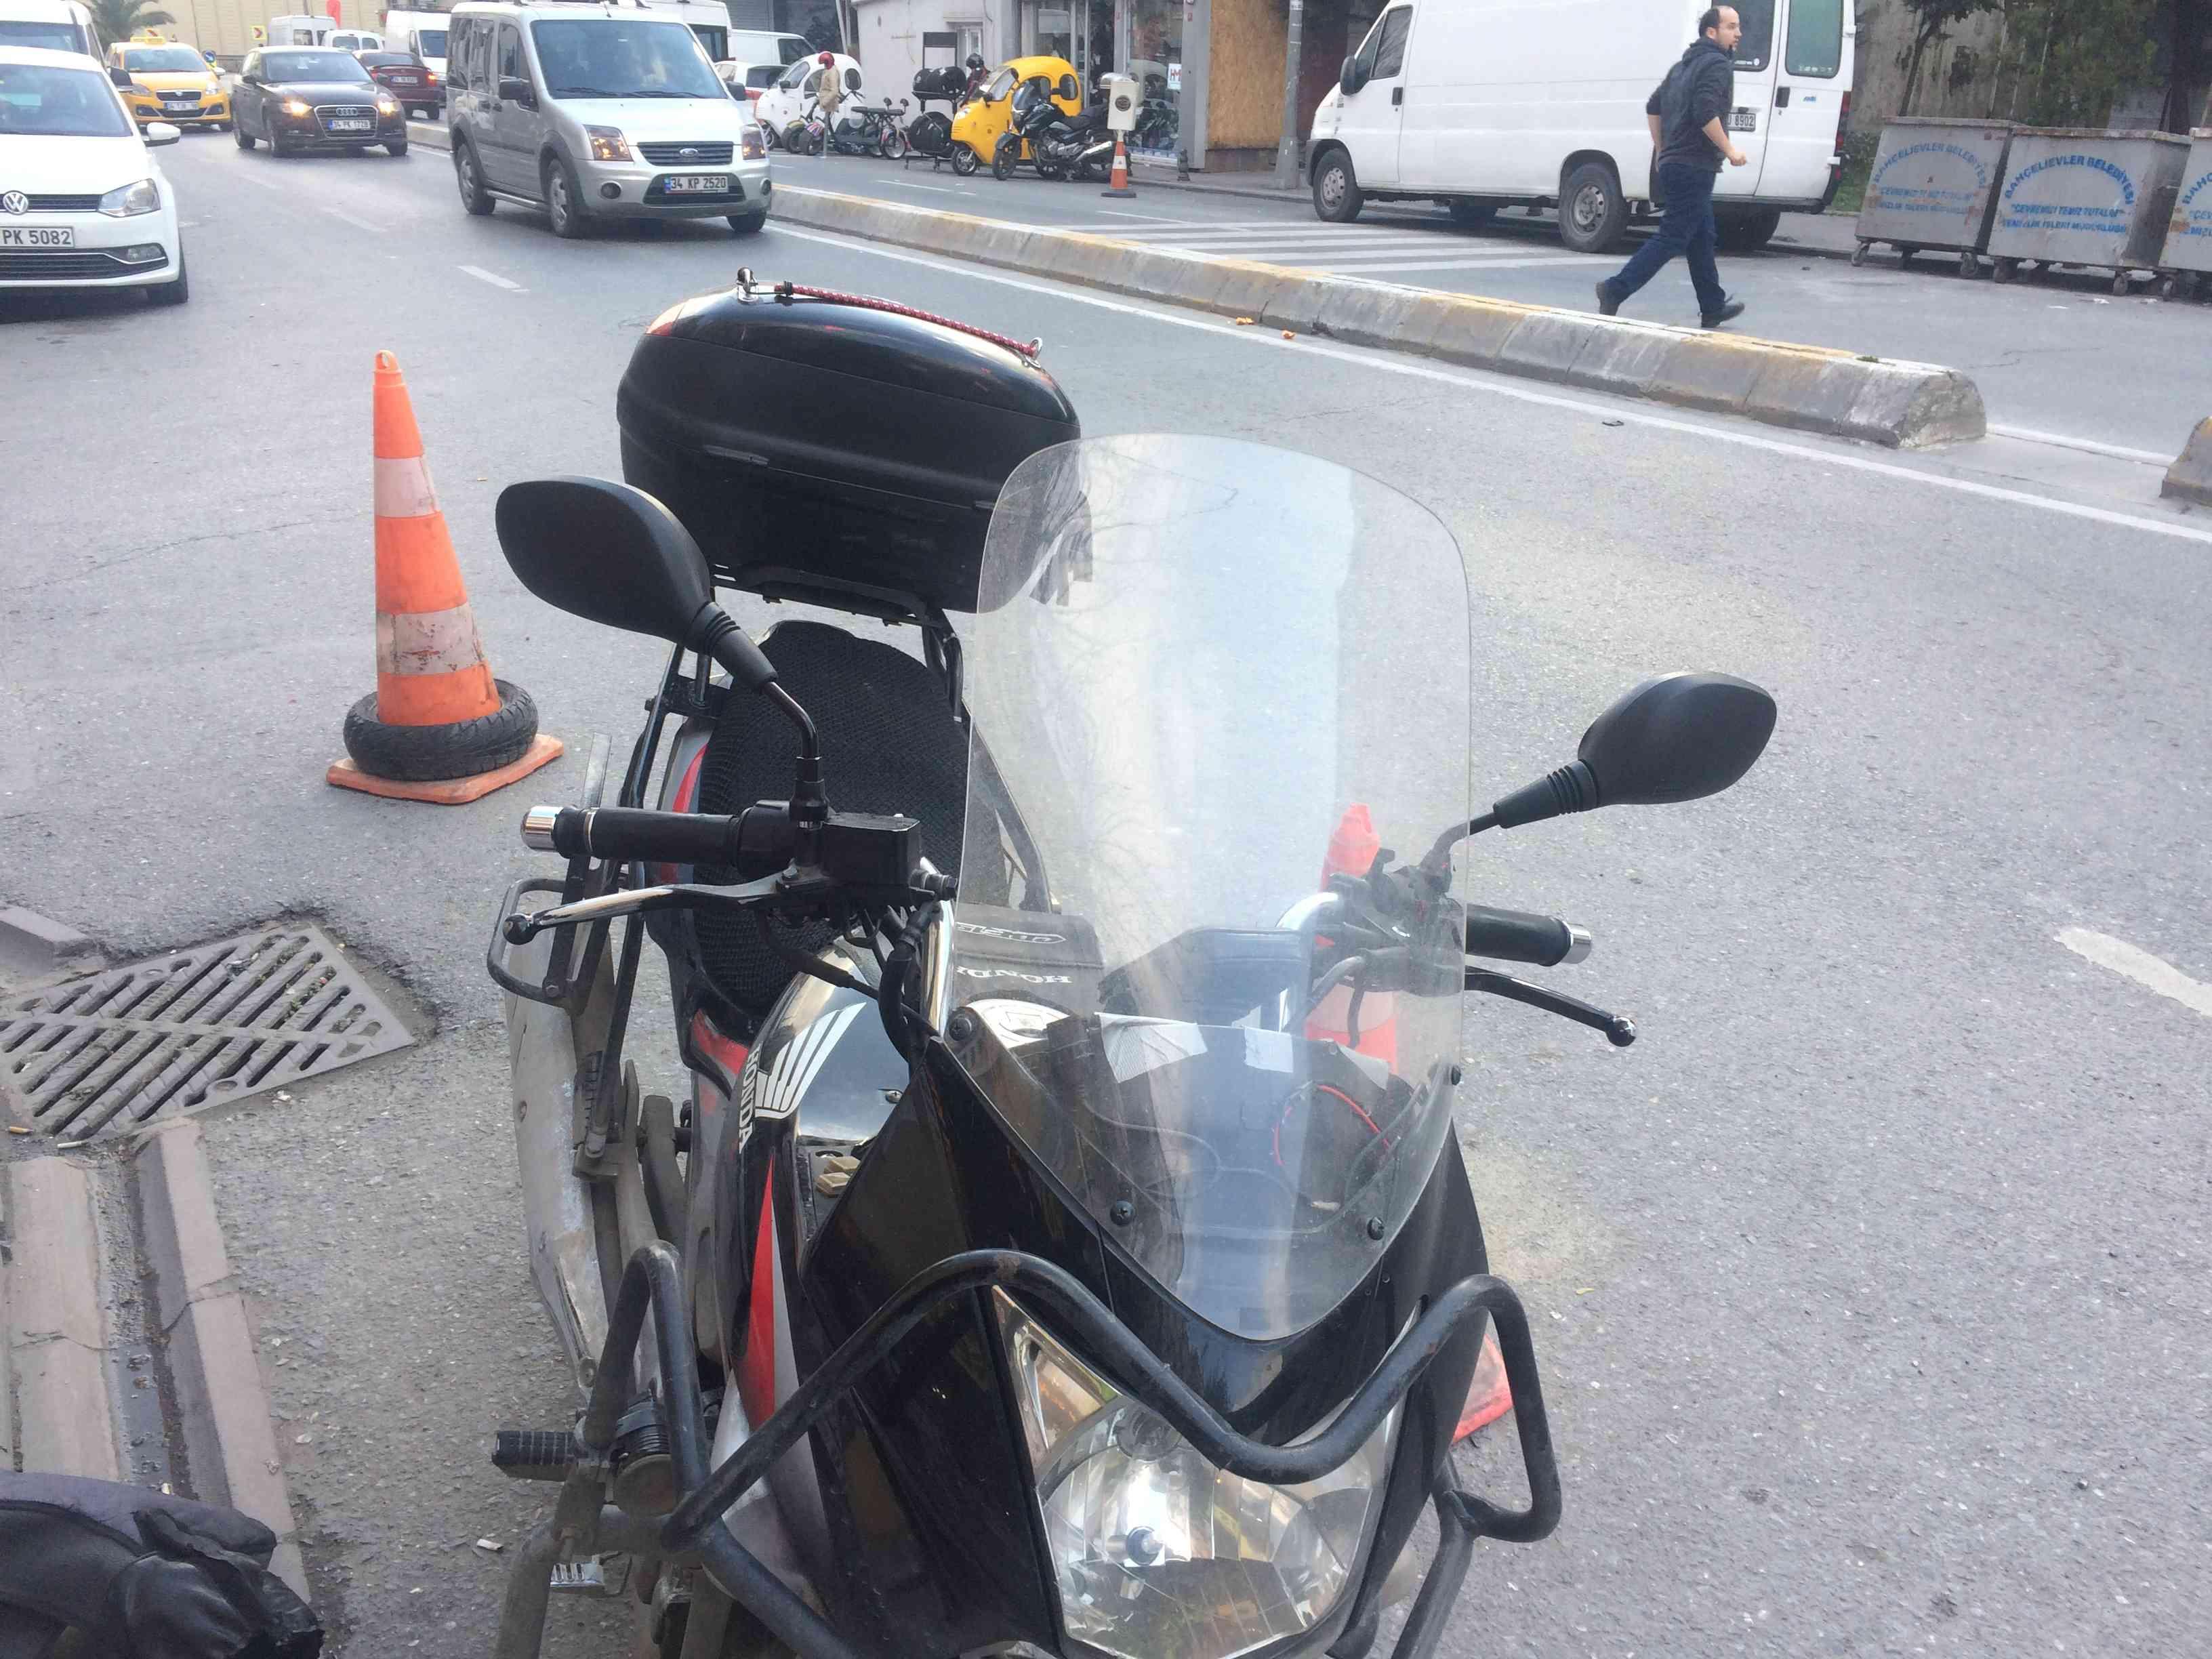 Honda cbf 150 ye Ybr 125 aynası uygulaması.Daha geniş ayna